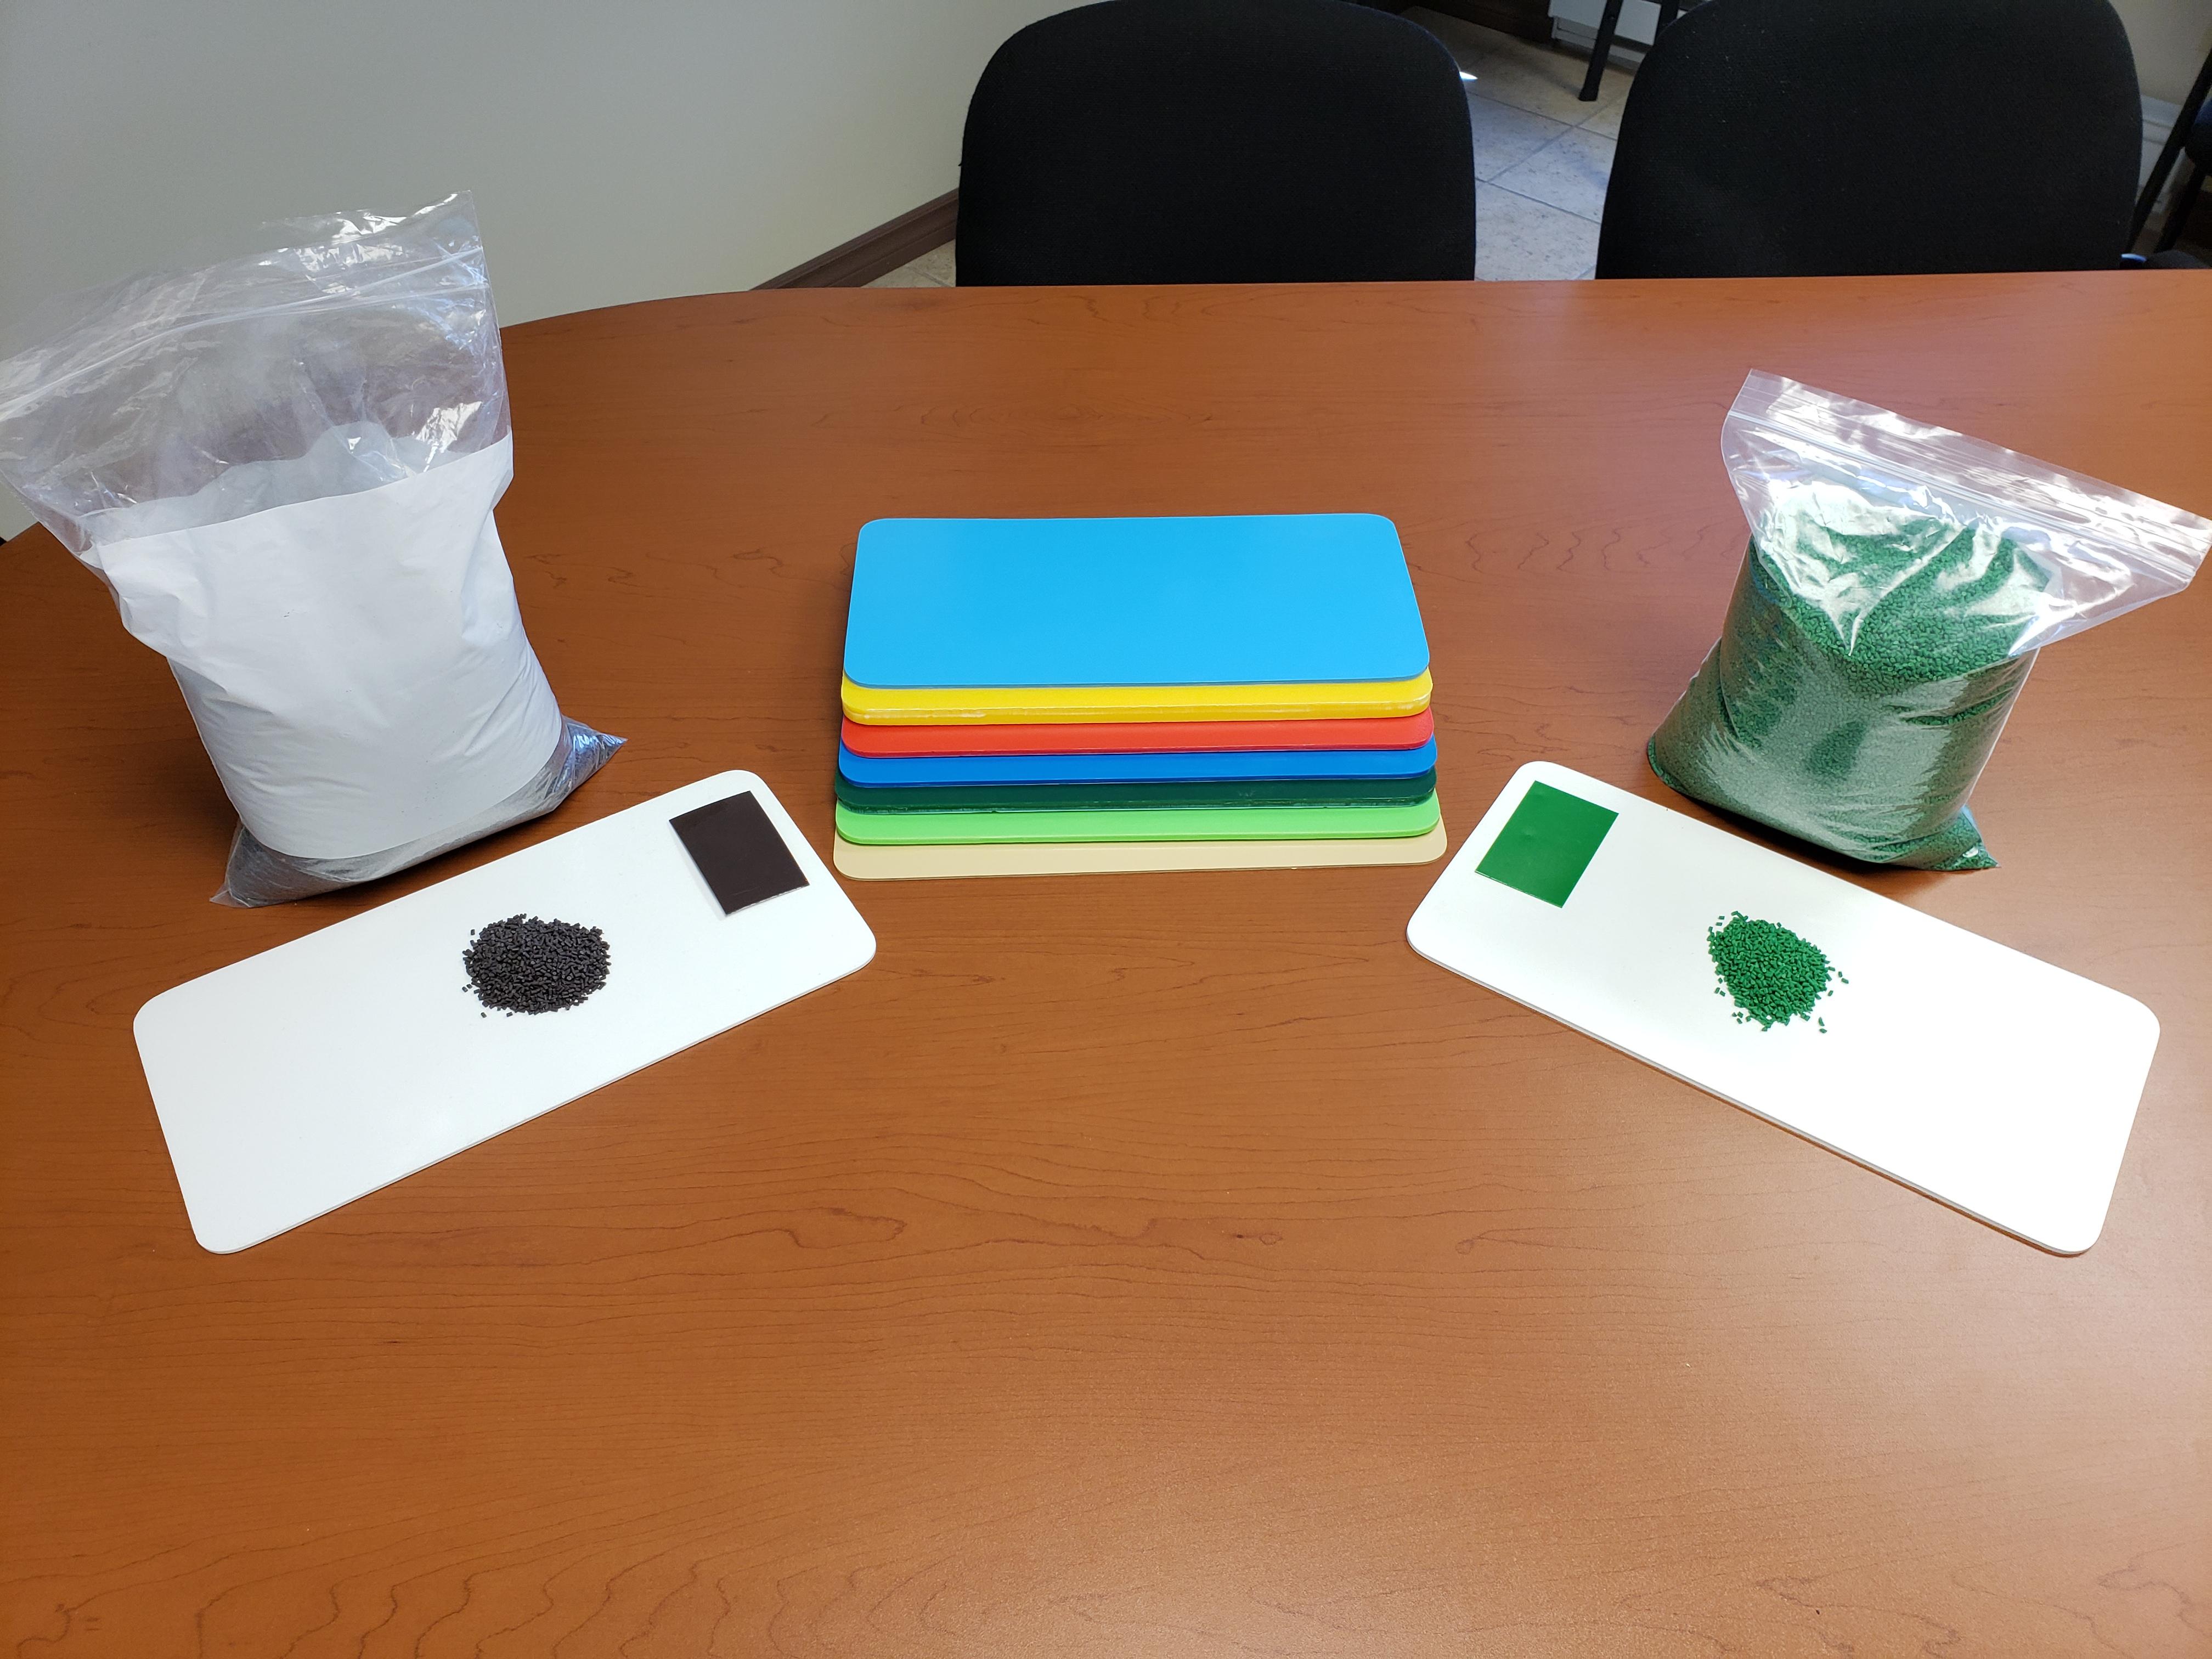 polyethylene sheets